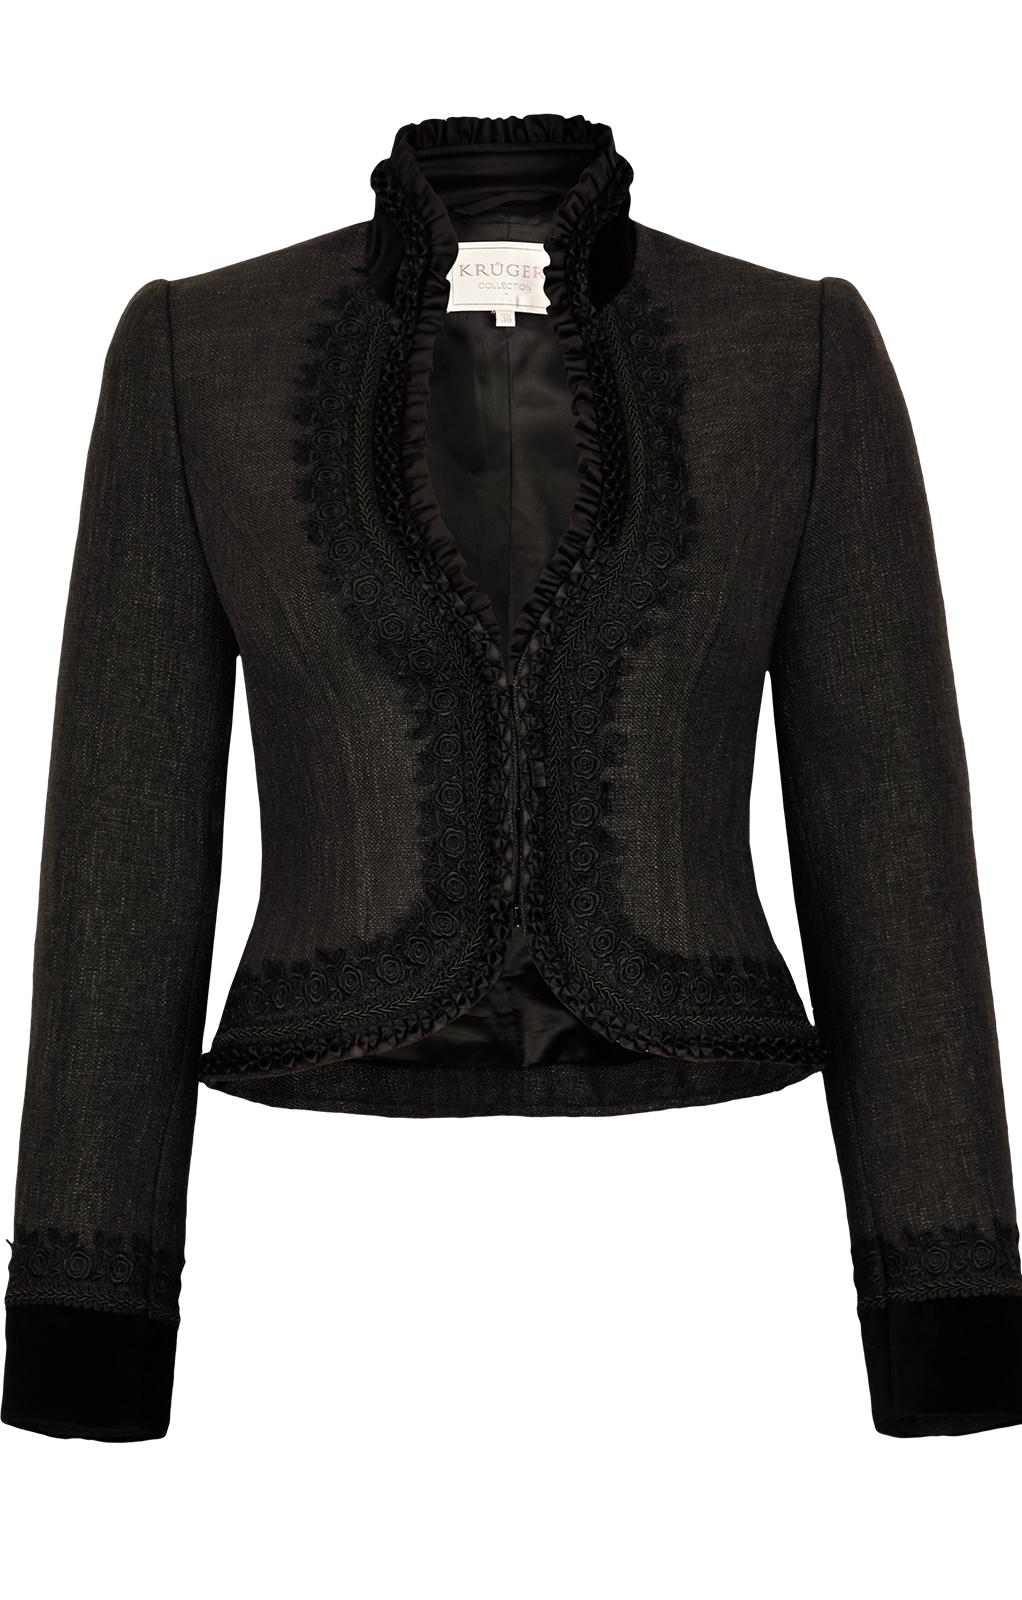 weitere Bilder von Traditional Jacket CHARMING black